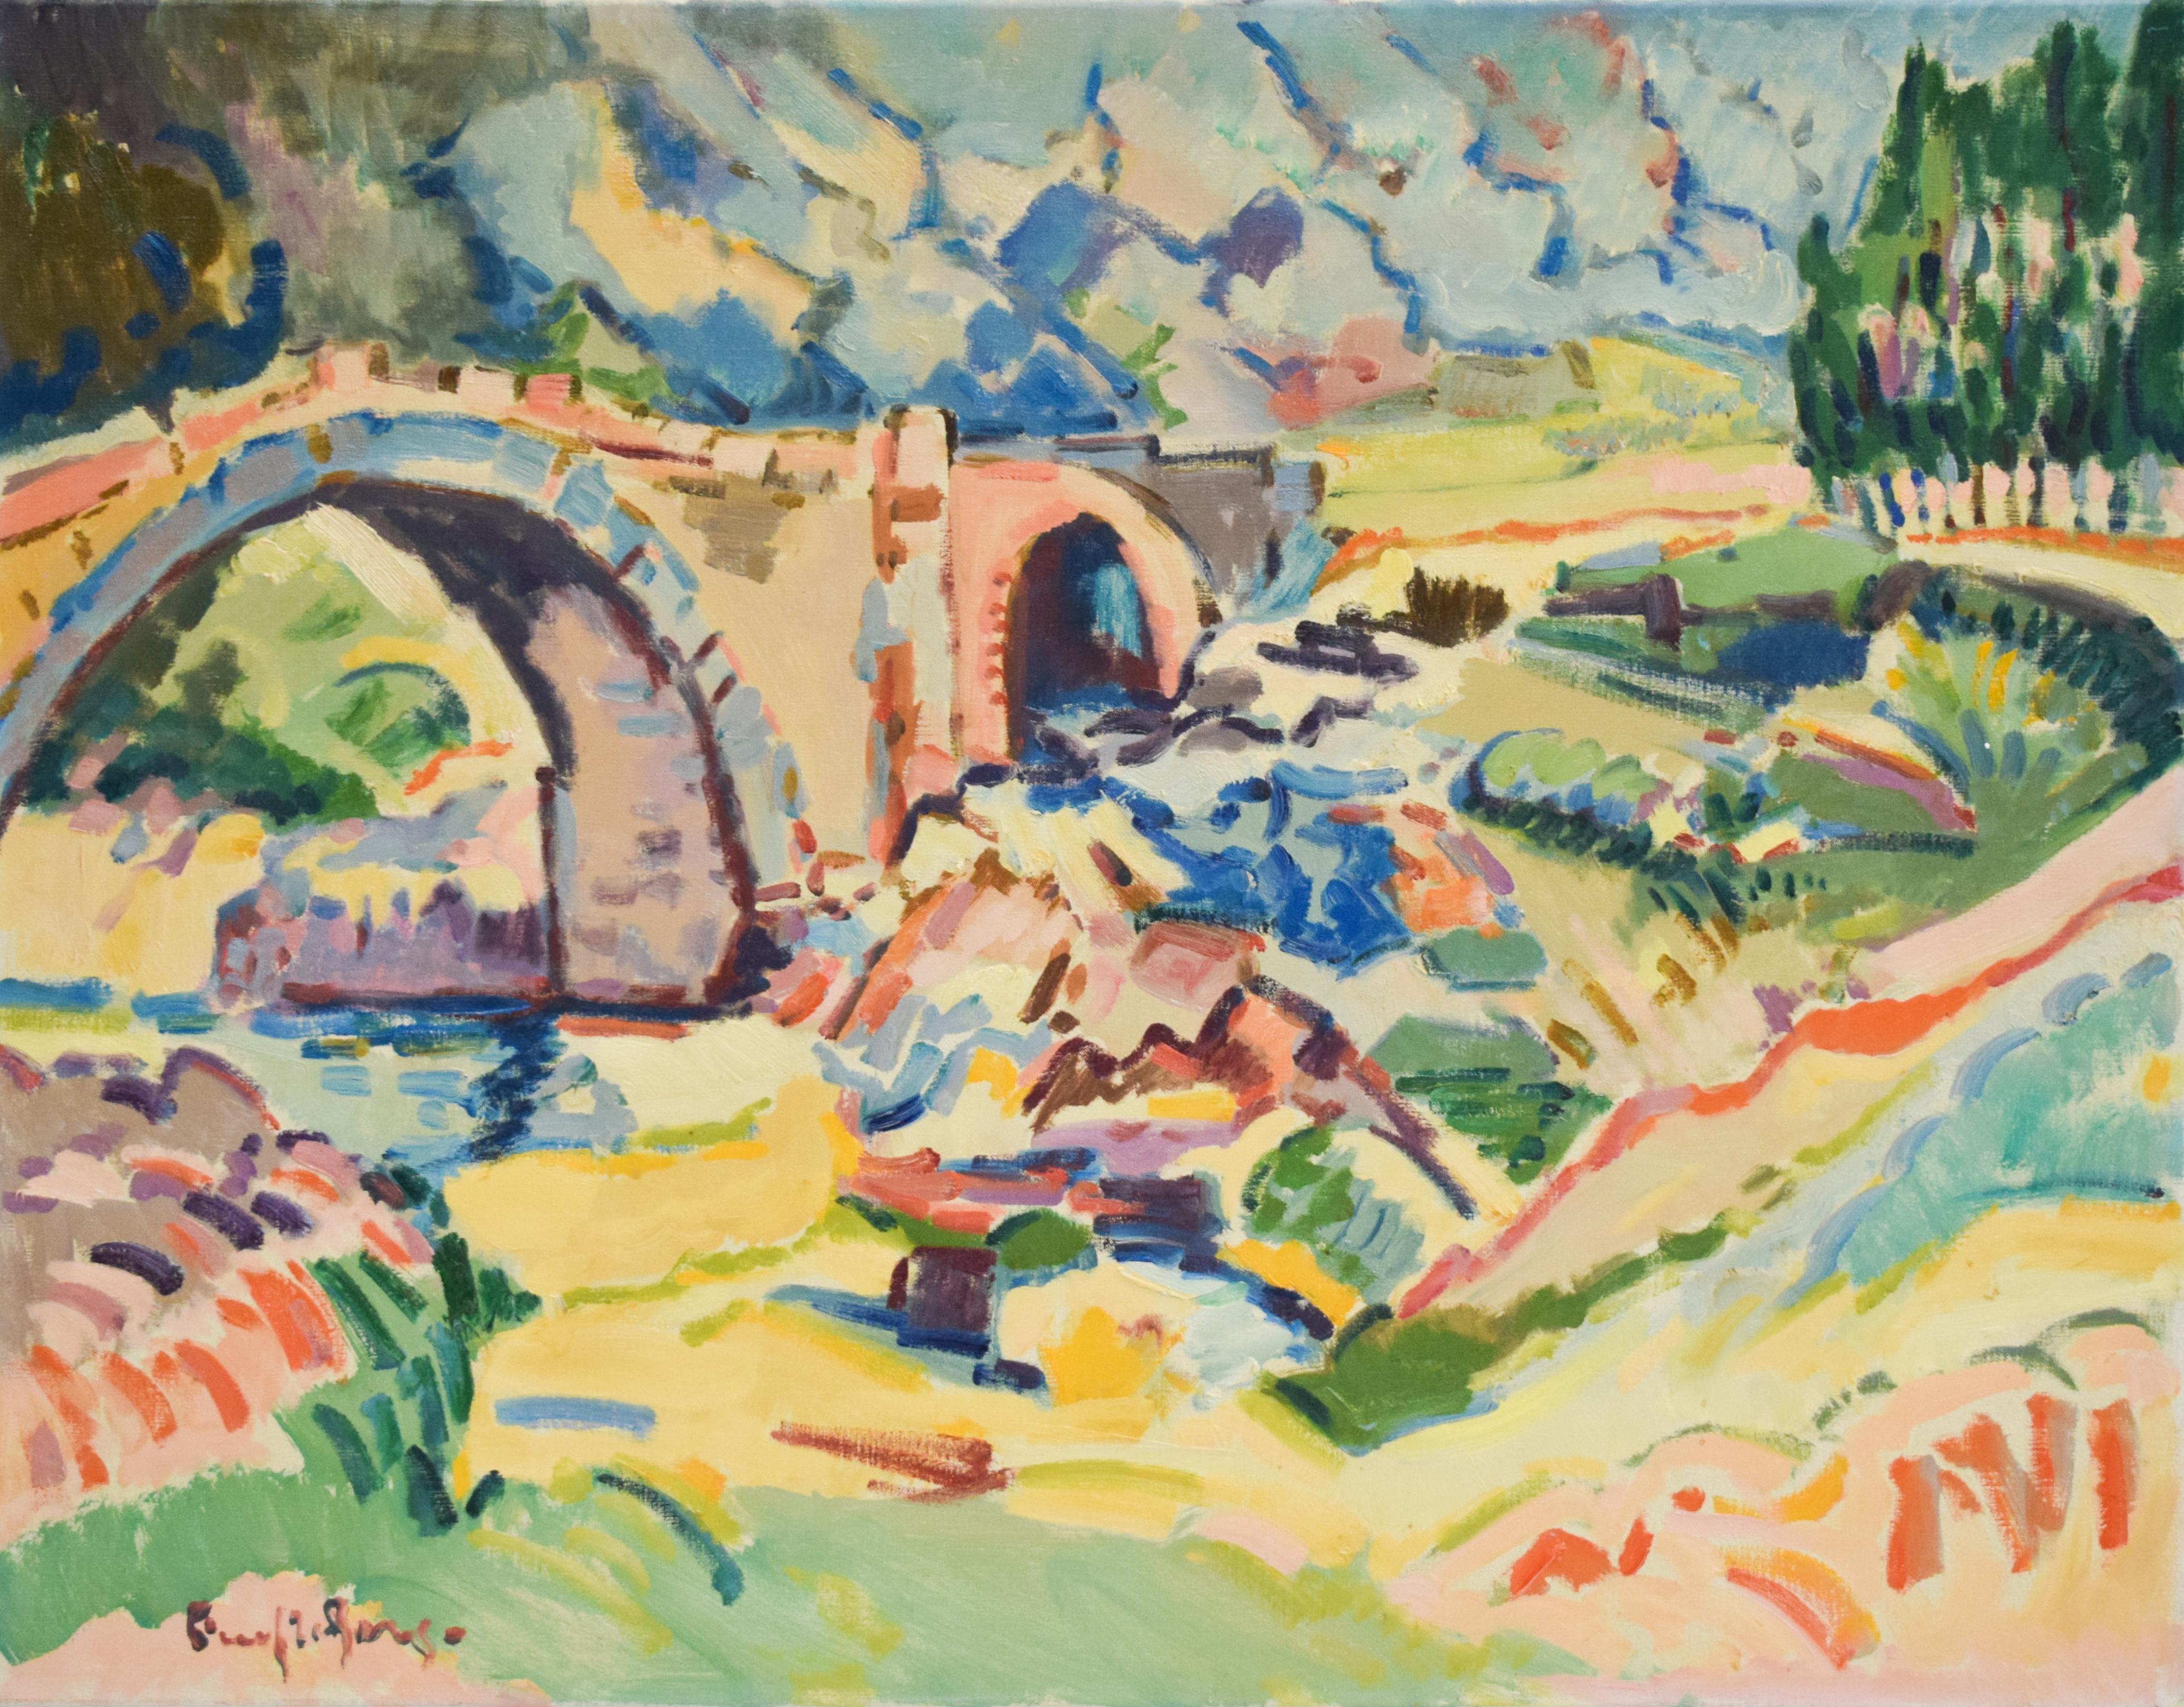 Italian landscape - Oil Paint on Canvas, Fauvist, Dutch Artist, Colorful